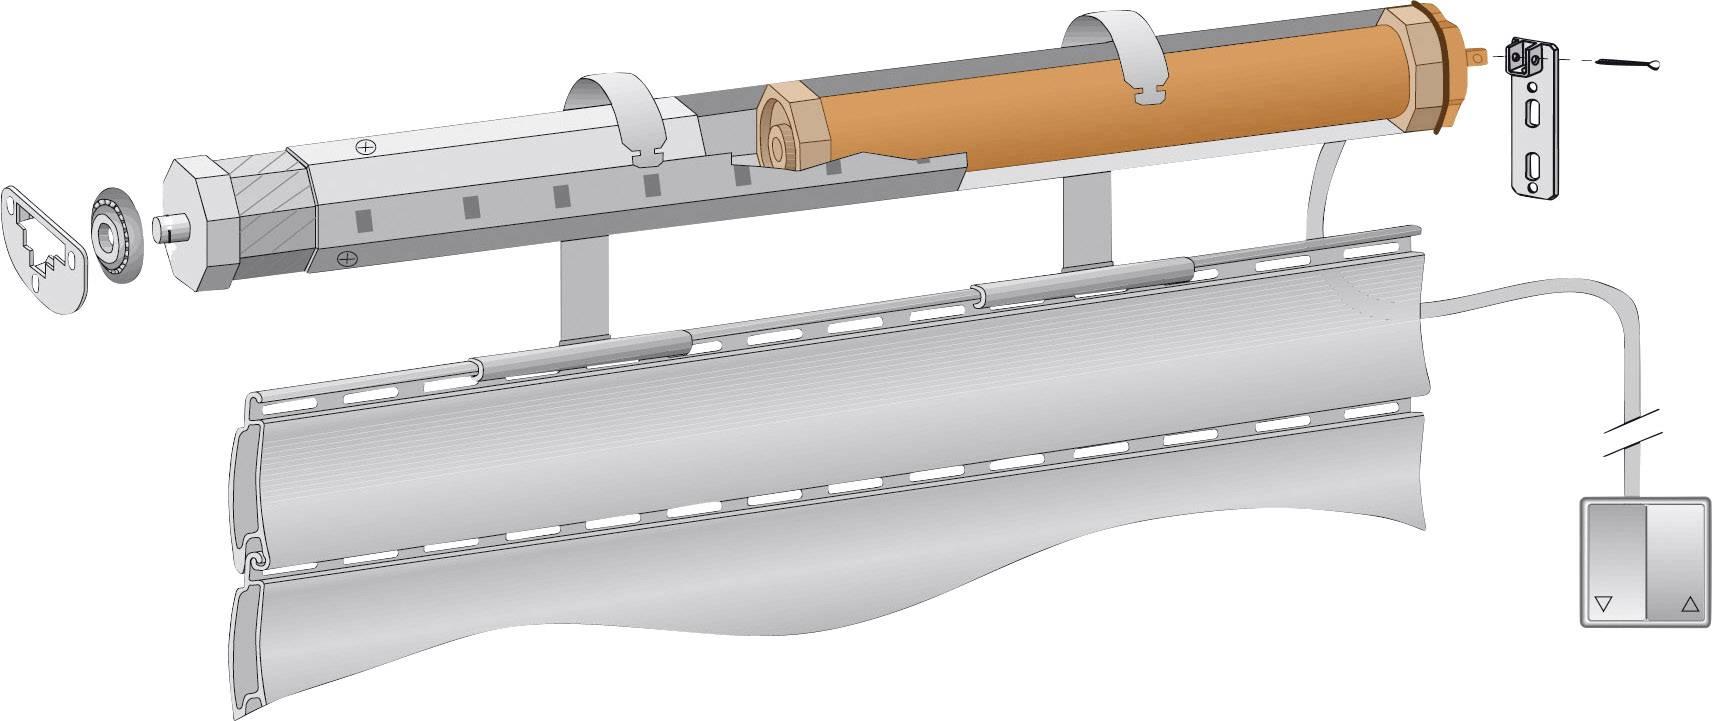 Sada ovládania pre trubkový motor Kaiser Nienhaus Favorit 130017, ťah až 5 m2